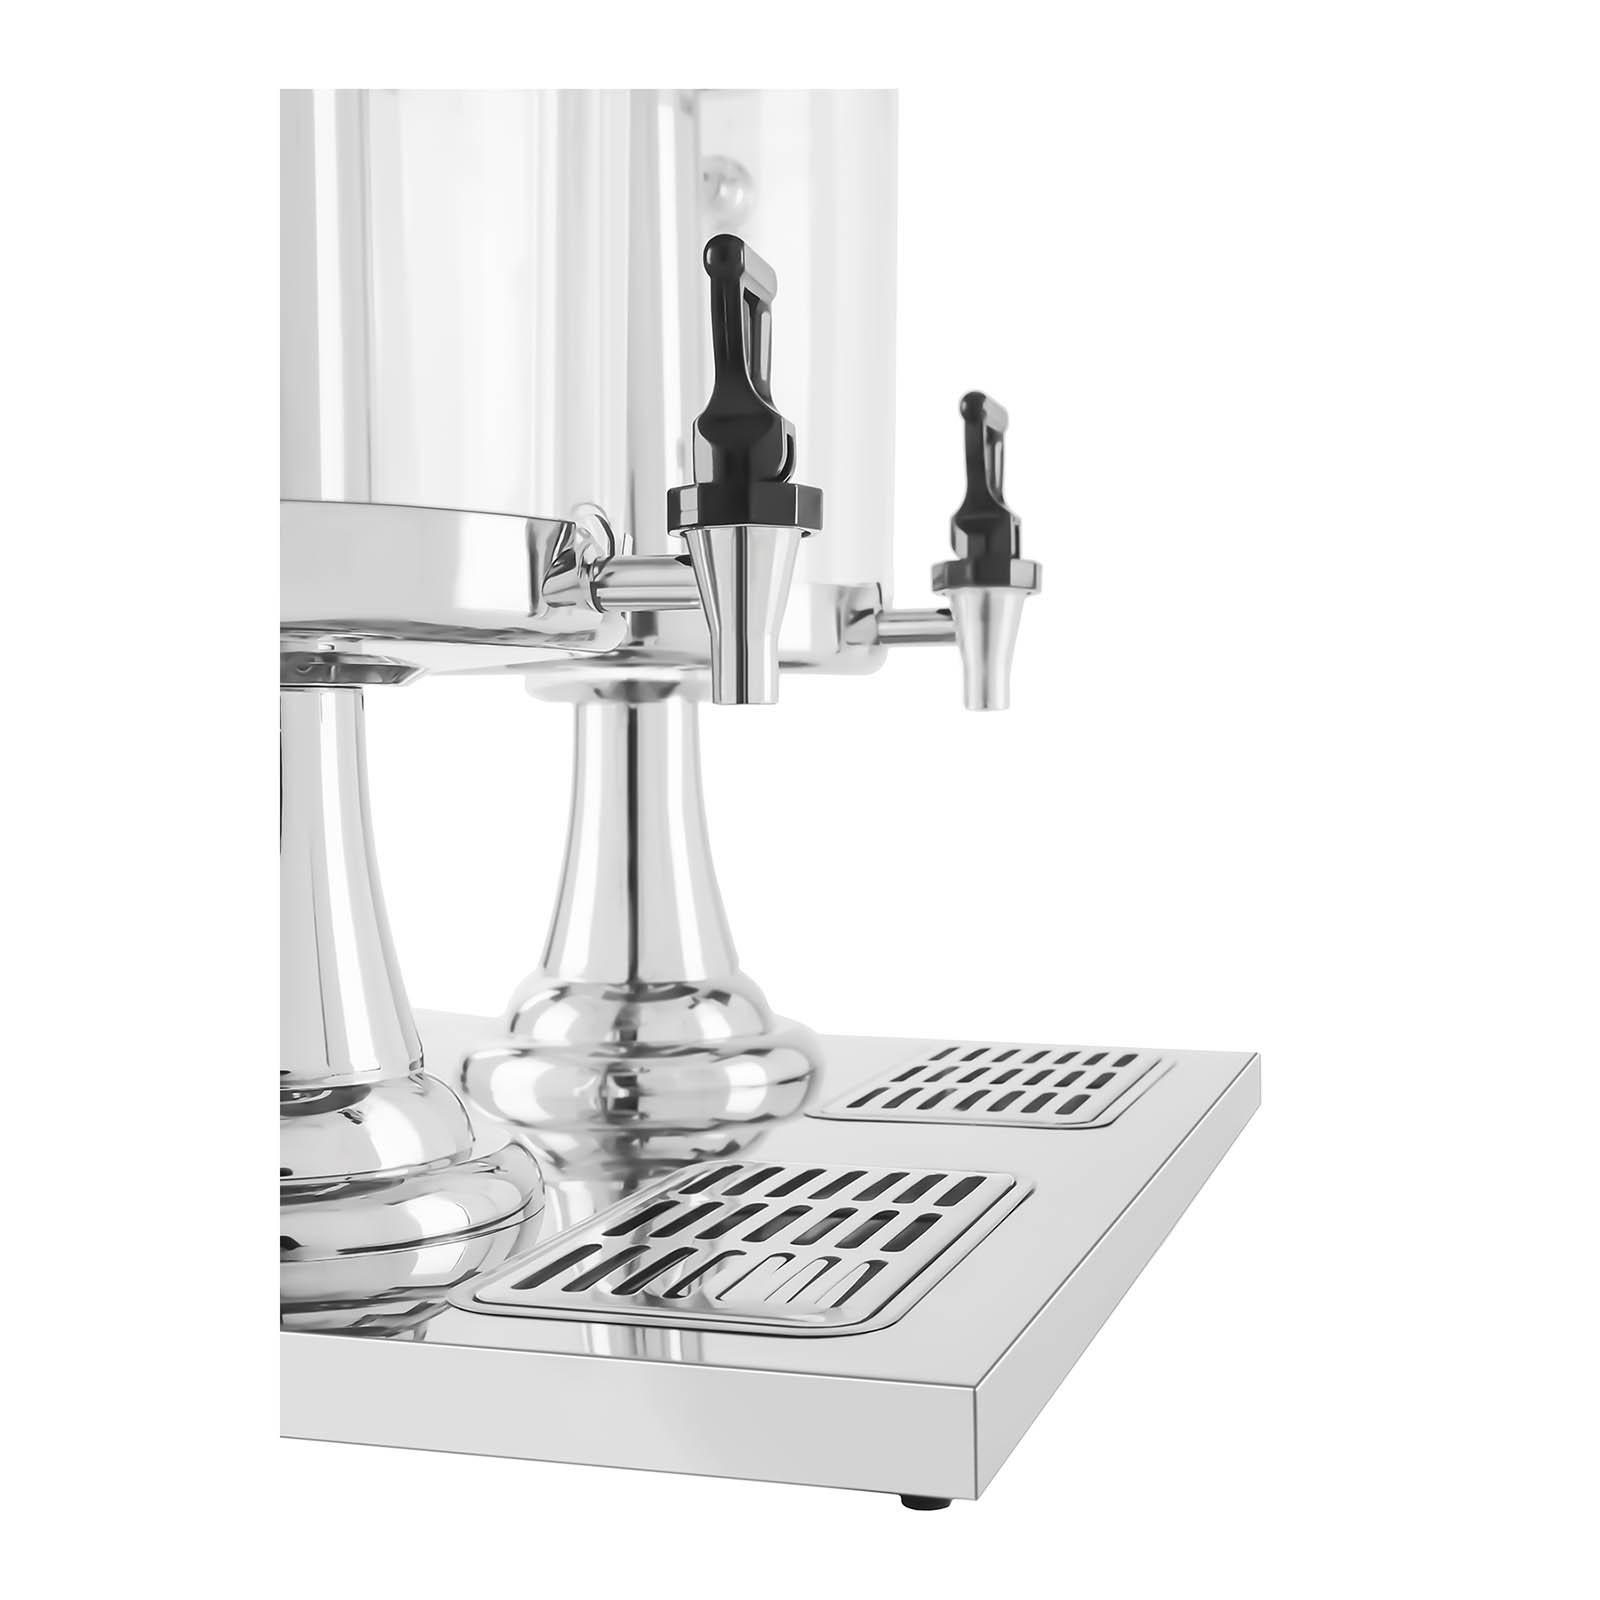 saftspender dispenser getr nkespender saftdispenser wasser. Black Bedroom Furniture Sets. Home Design Ideas